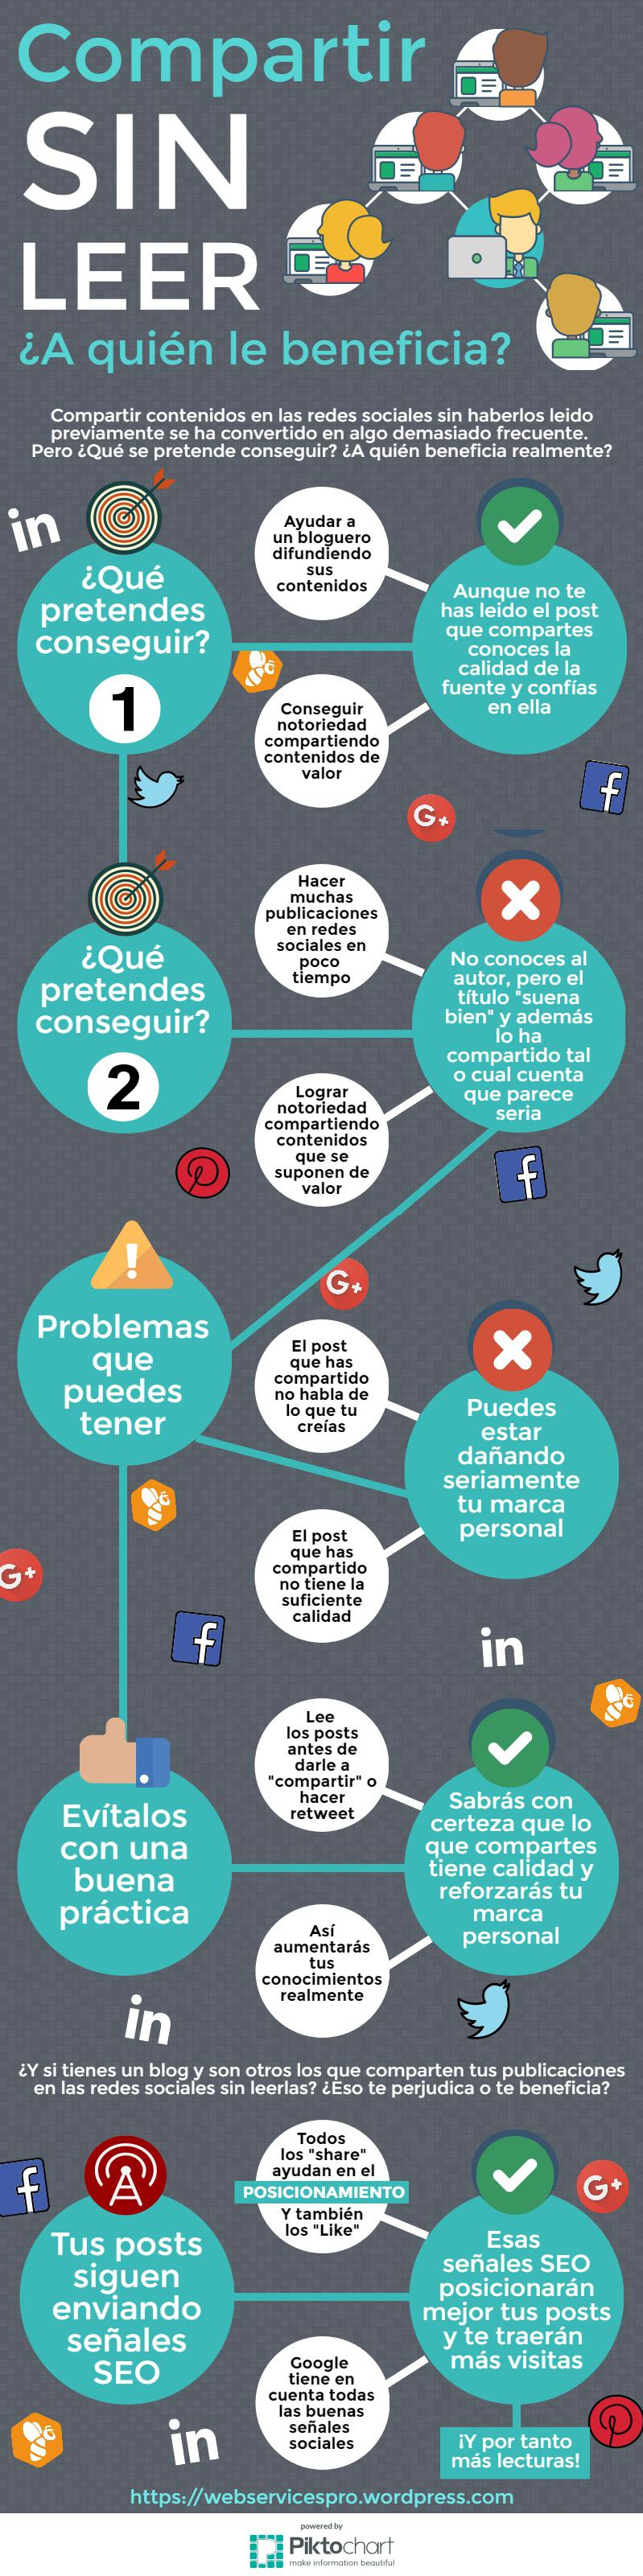 Compartir en Redes Sociales sin leer ¿A quién le beneficia?